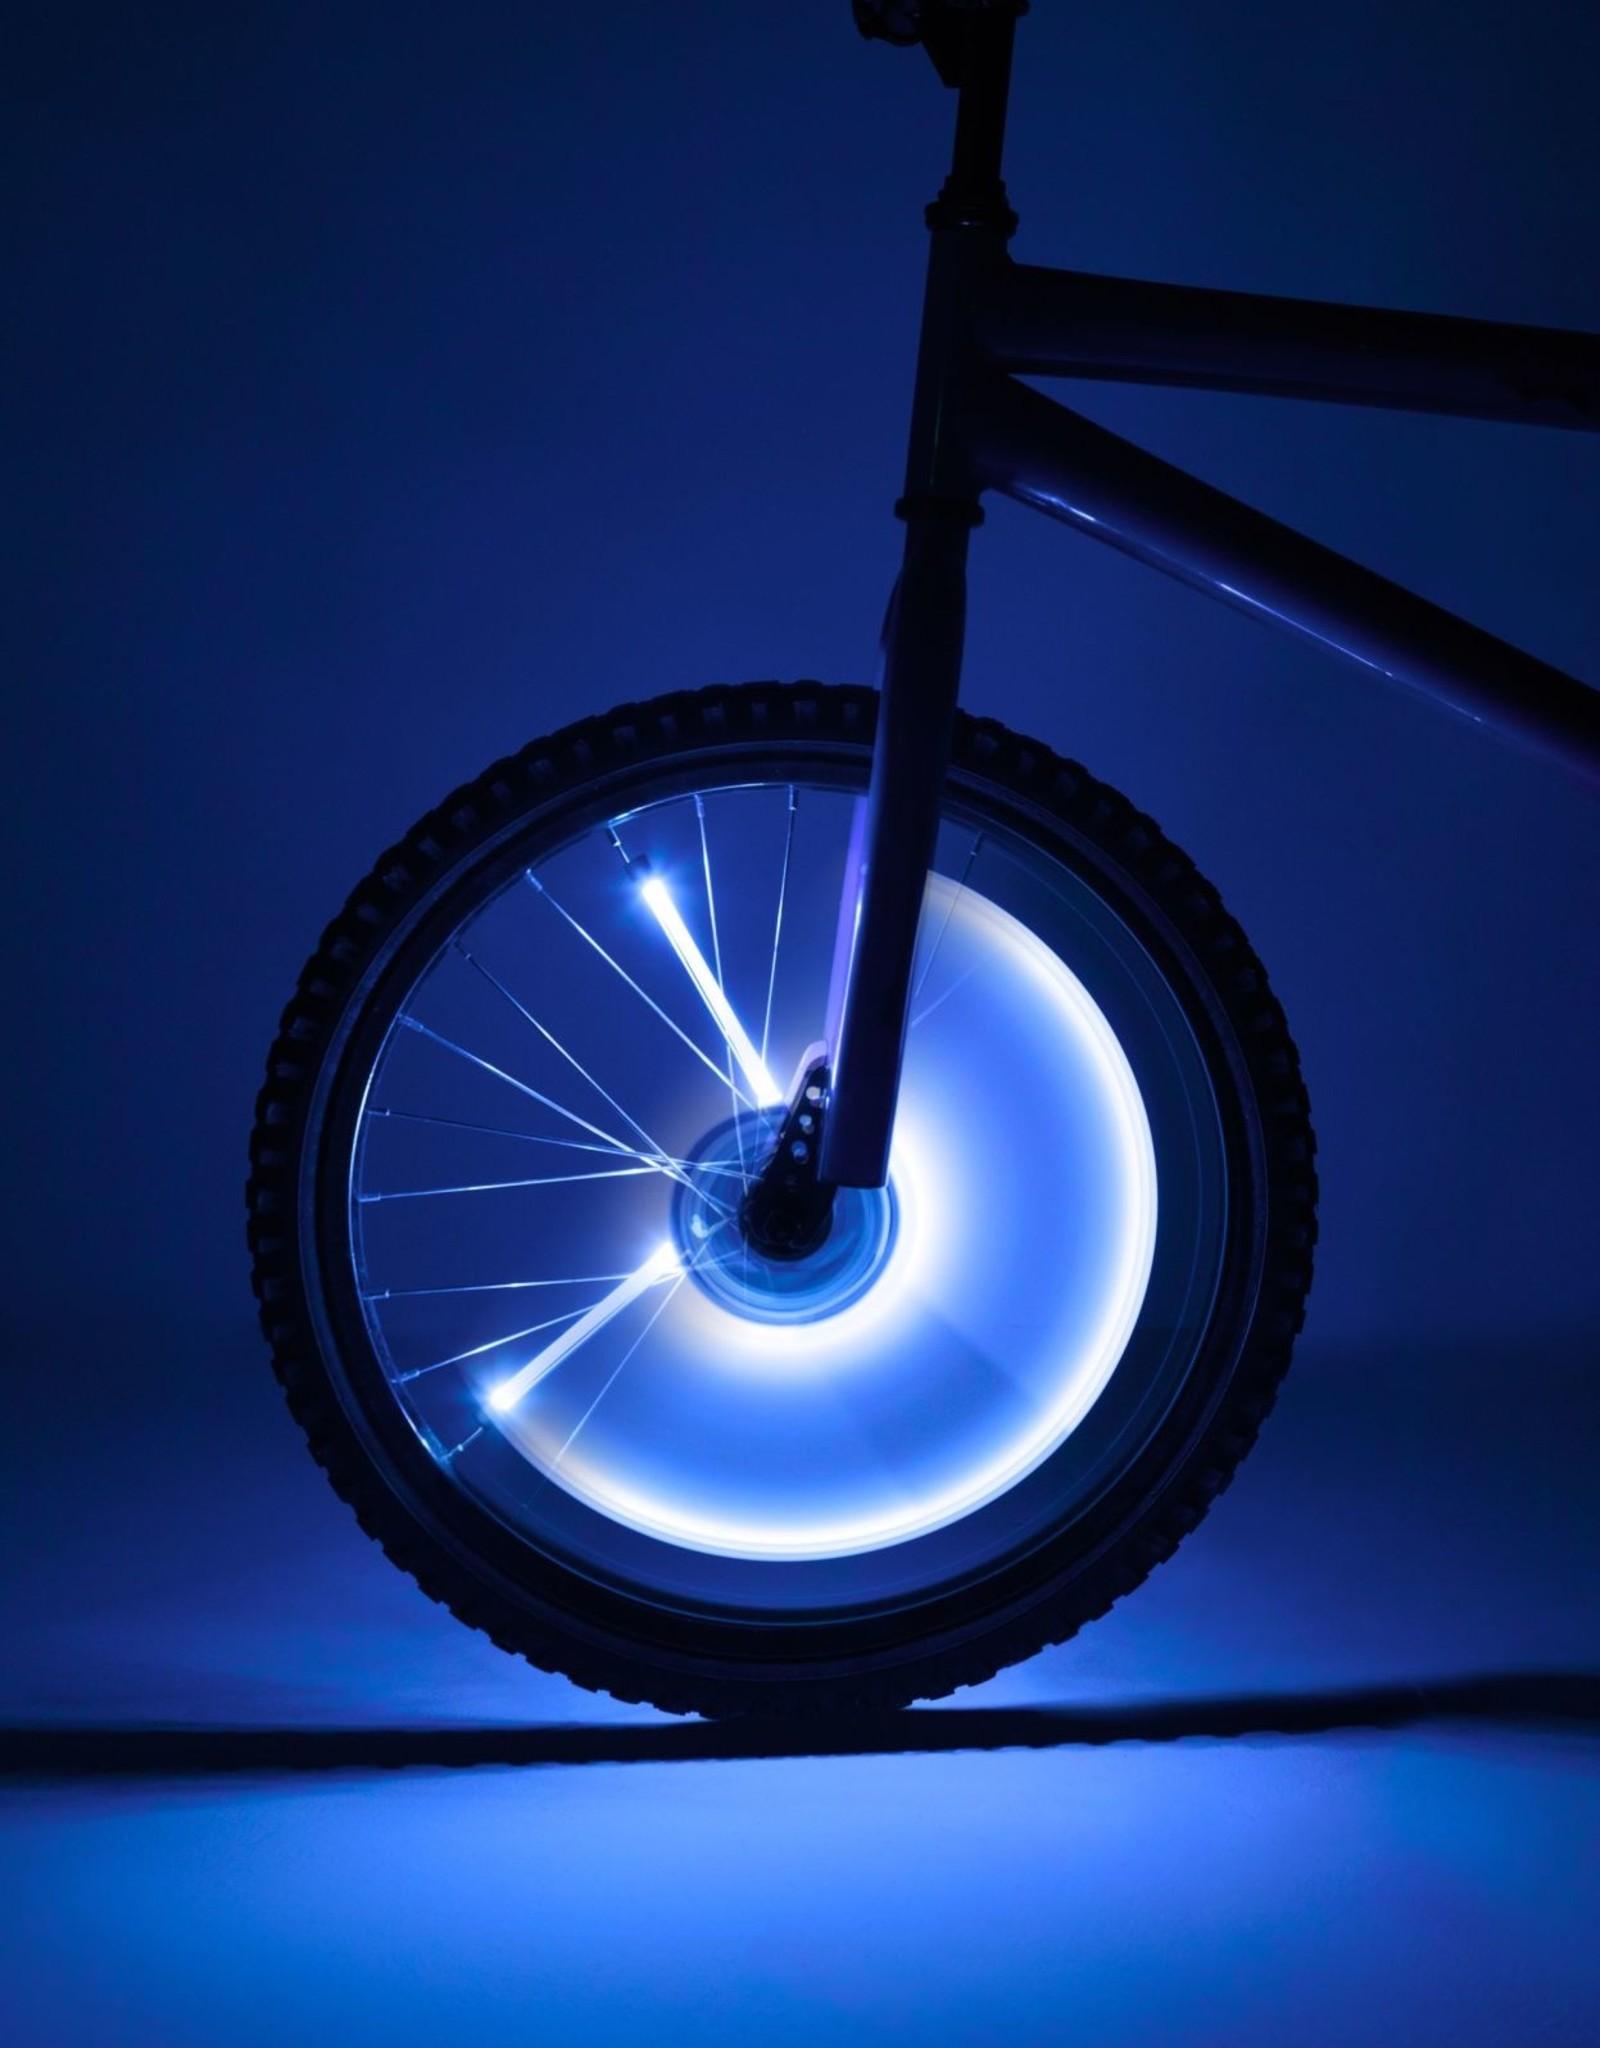 Brightz Bike Spin Kidz Brightz - Blue